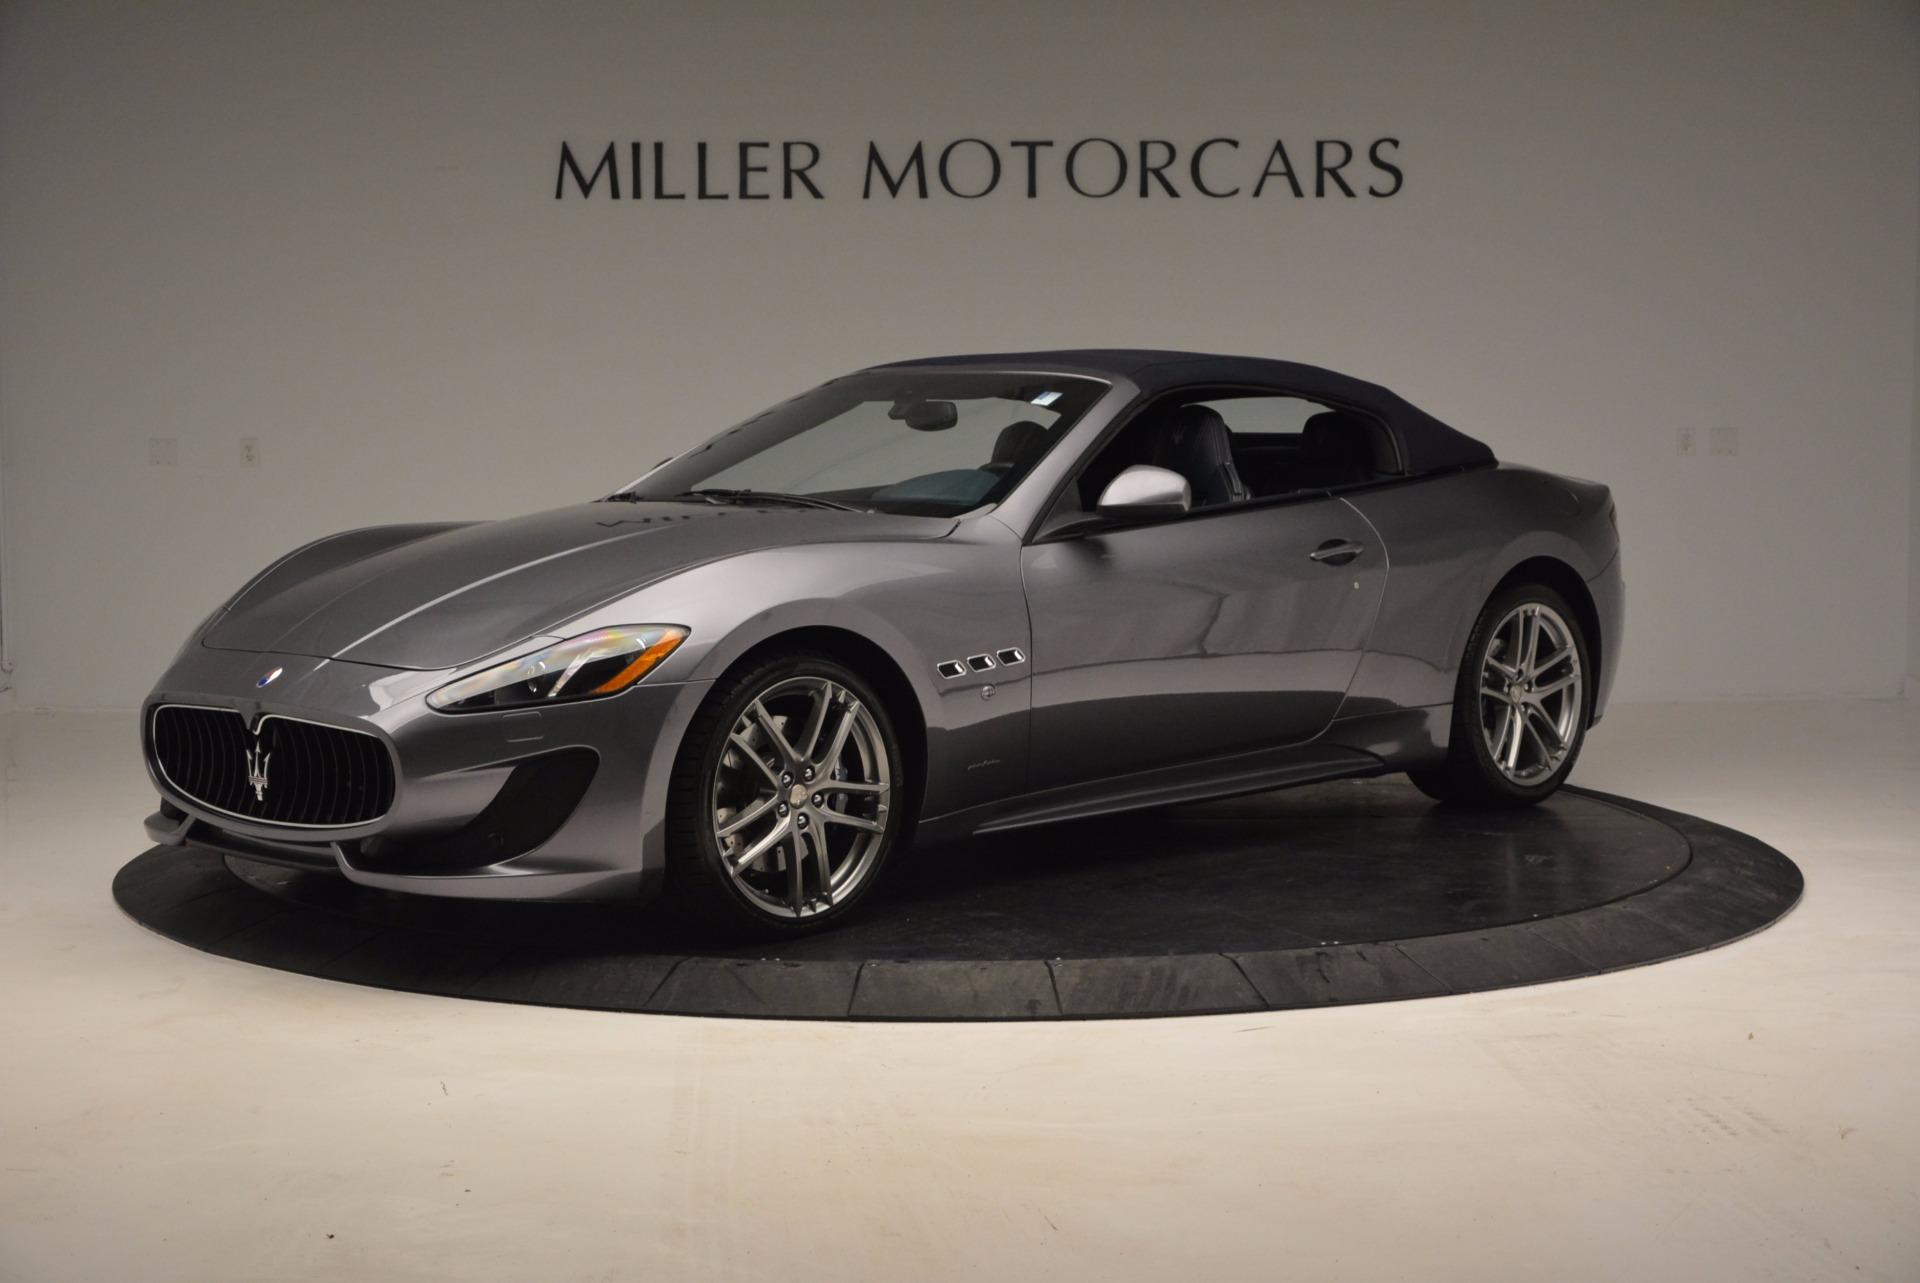 New 2016 Maserati GranTurismo Convertible Sport For Sale In Greenwich, CT 154_p11